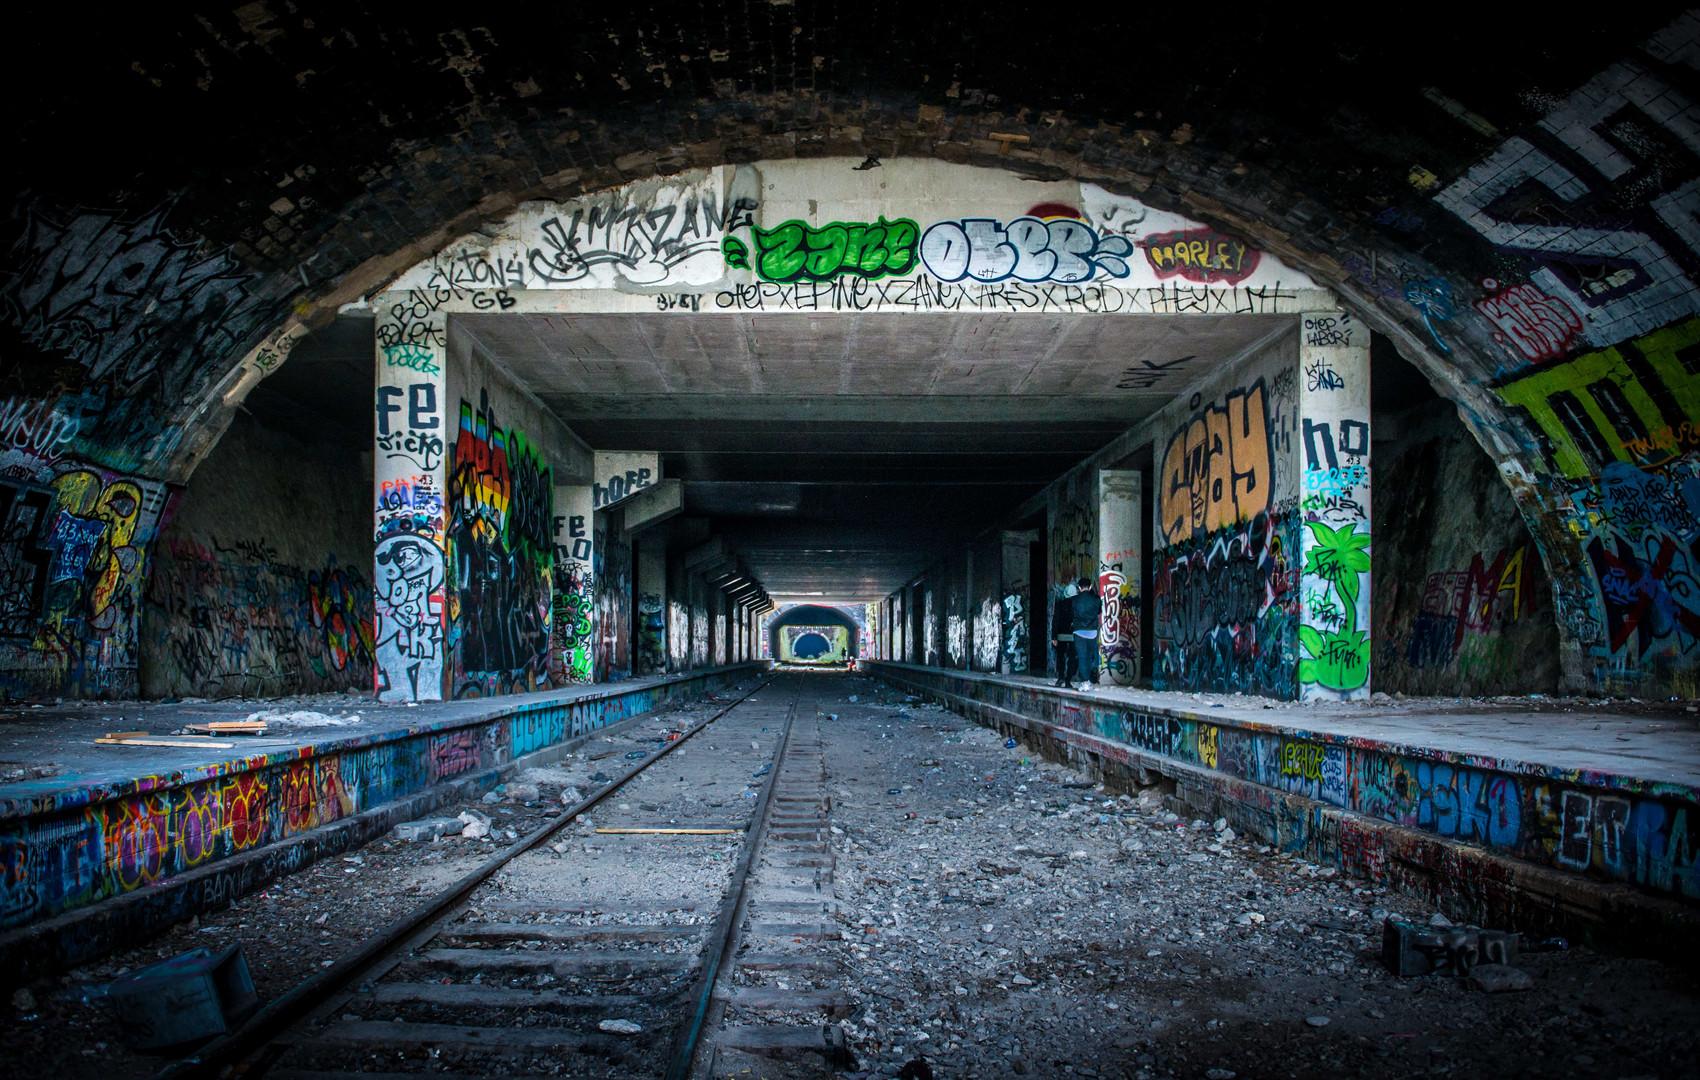 NBH_paris graffiti-3359.jpg